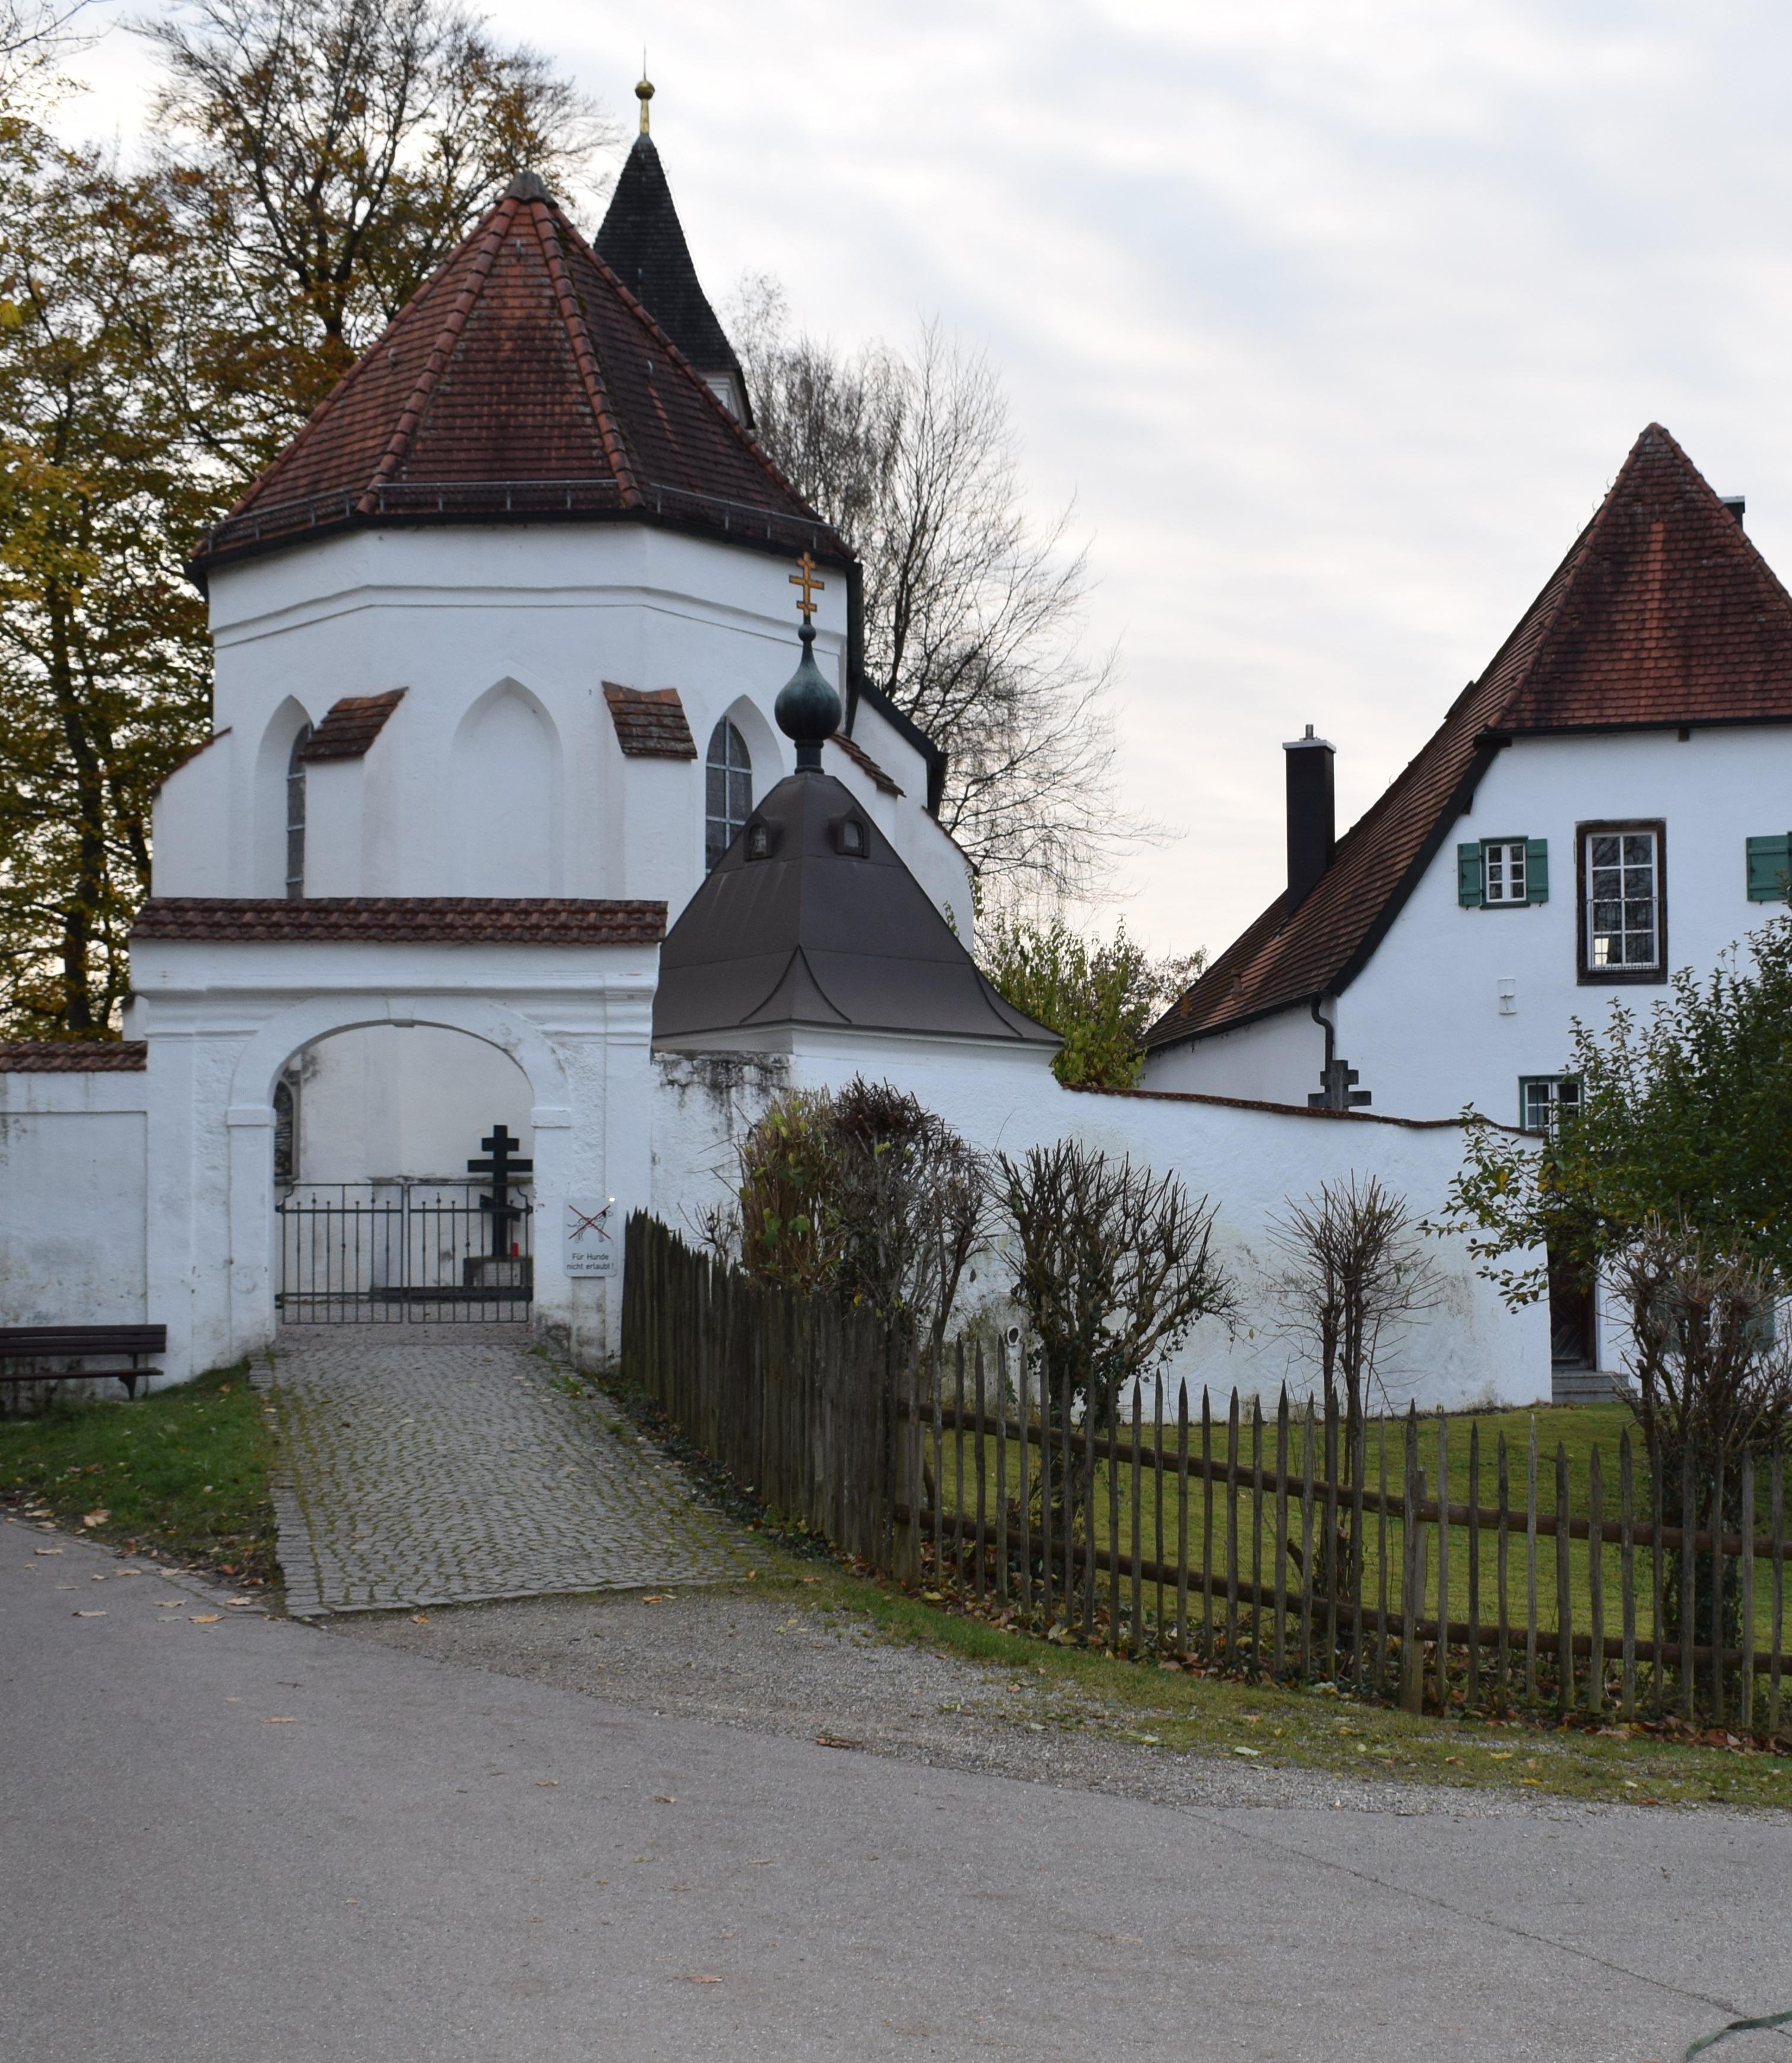 Kloster Seeon, die St. Walburgis Kirche